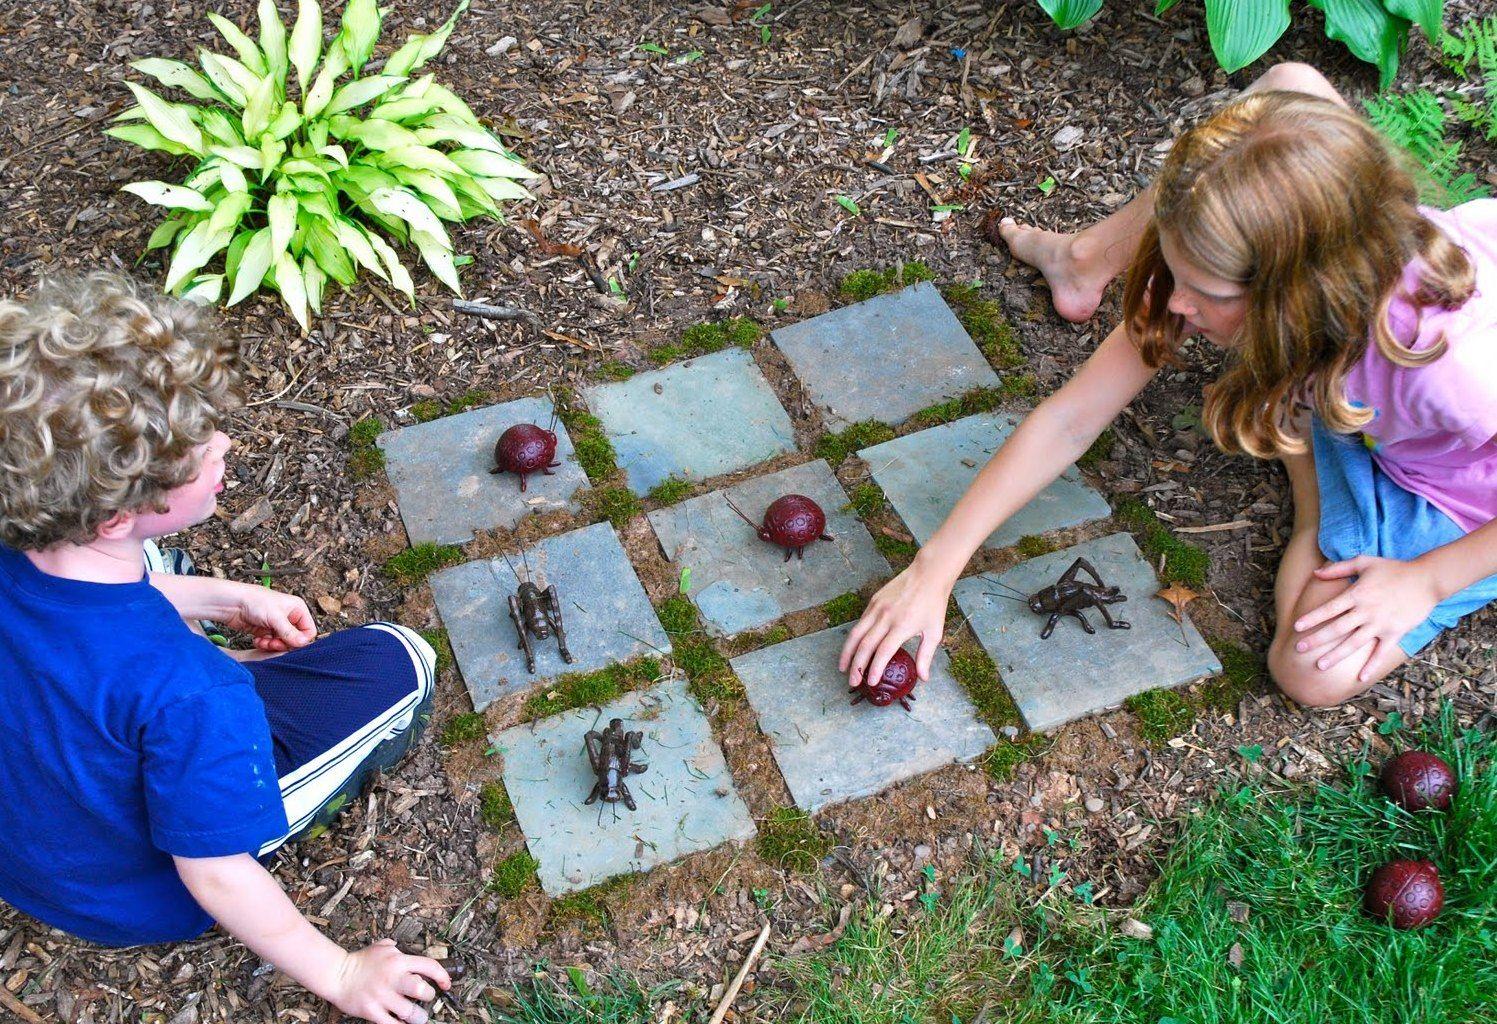 Abenteuerspielplatz Für Kinder Zum Spielen Im Freien Kinder Spielplatz Garten Diy Spielplatz Garten Spielplatz